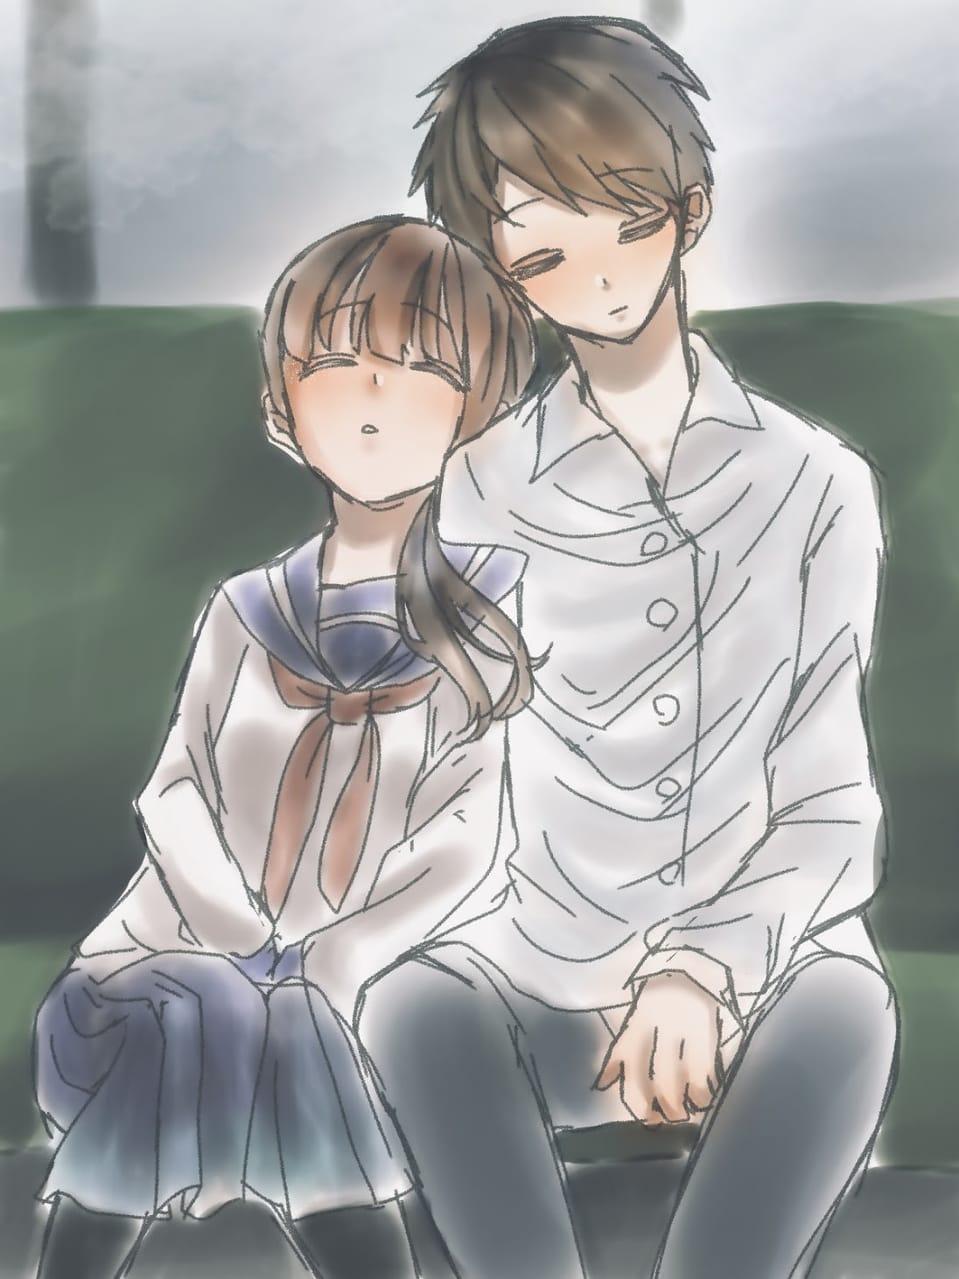 リア充 Illust of フラミパン couple doodle 2人 train 過去絵 oc リア充 sailor_uniform